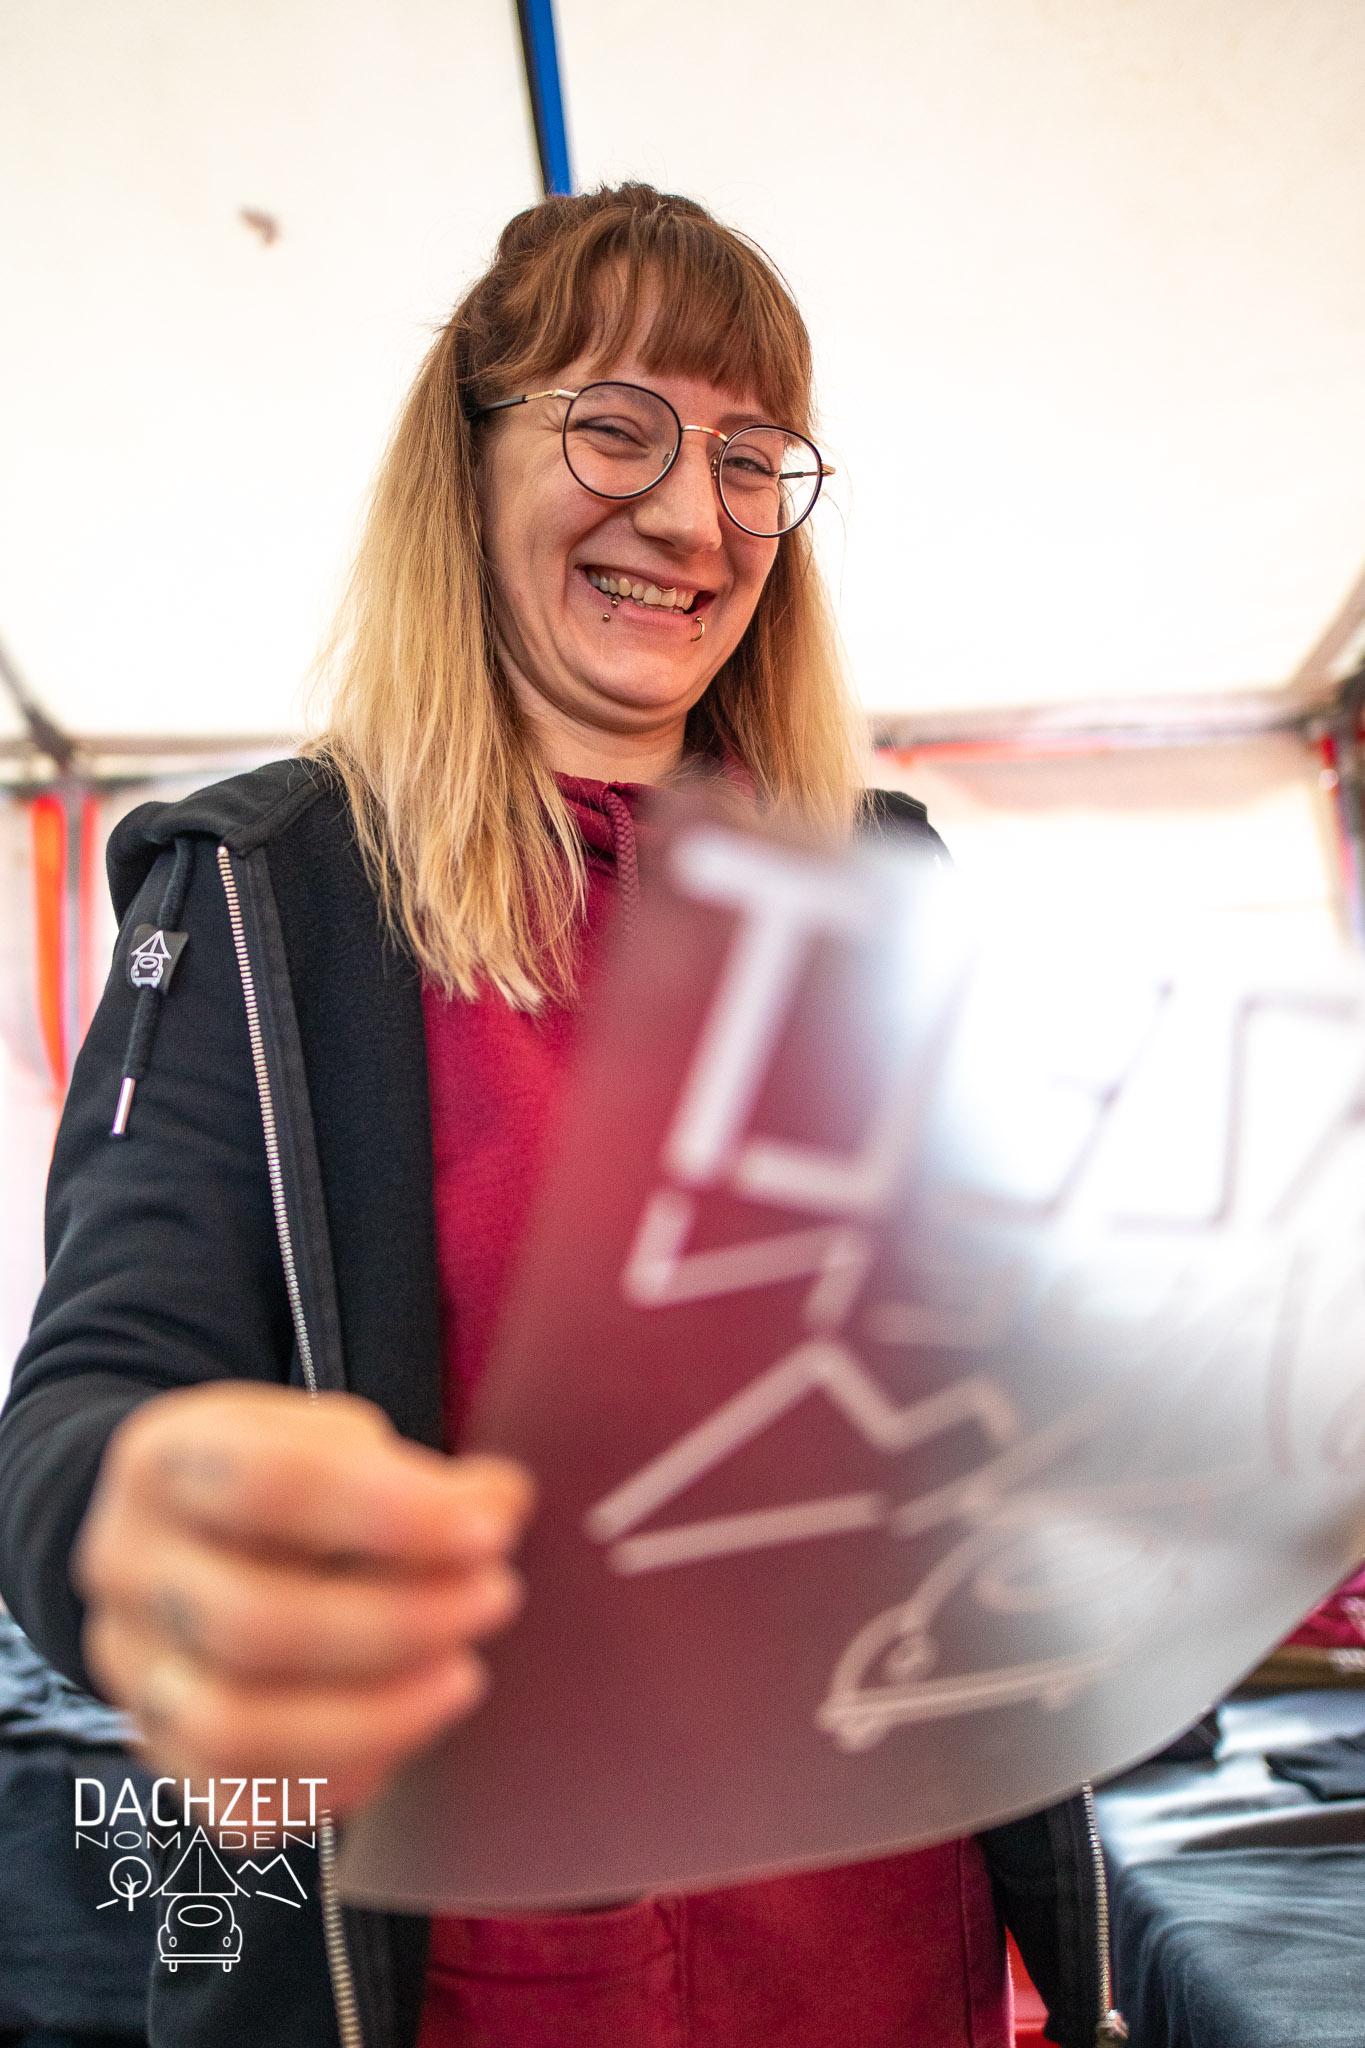 20191018-Dachzelt-Camp-Speciaal-Dennis-Brandt- DB 2404